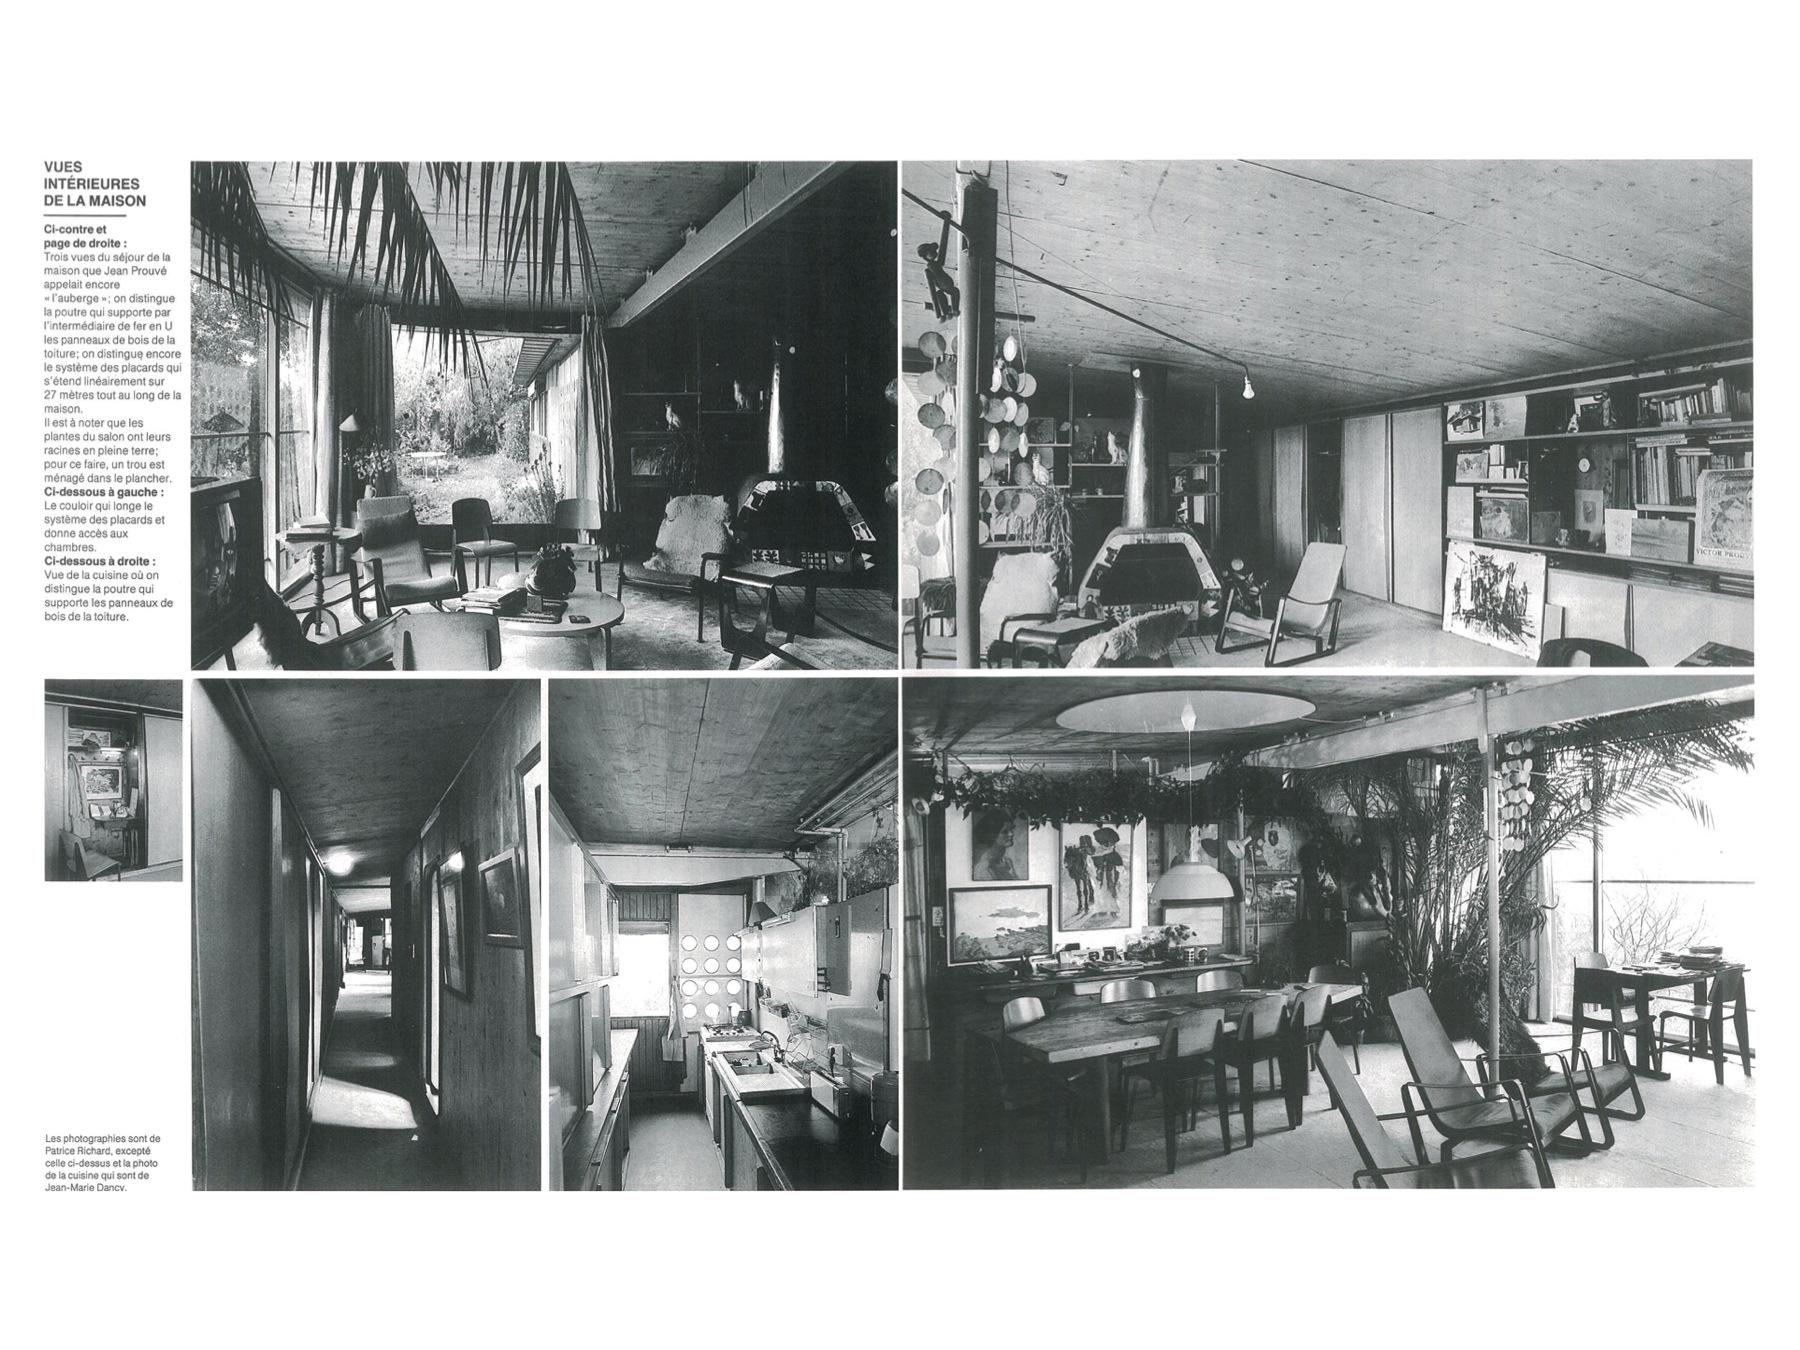 entretien avec jean prouv emmanuelle et laurent beaudouin architectes. Black Bedroom Furniture Sets. Home Design Ideas